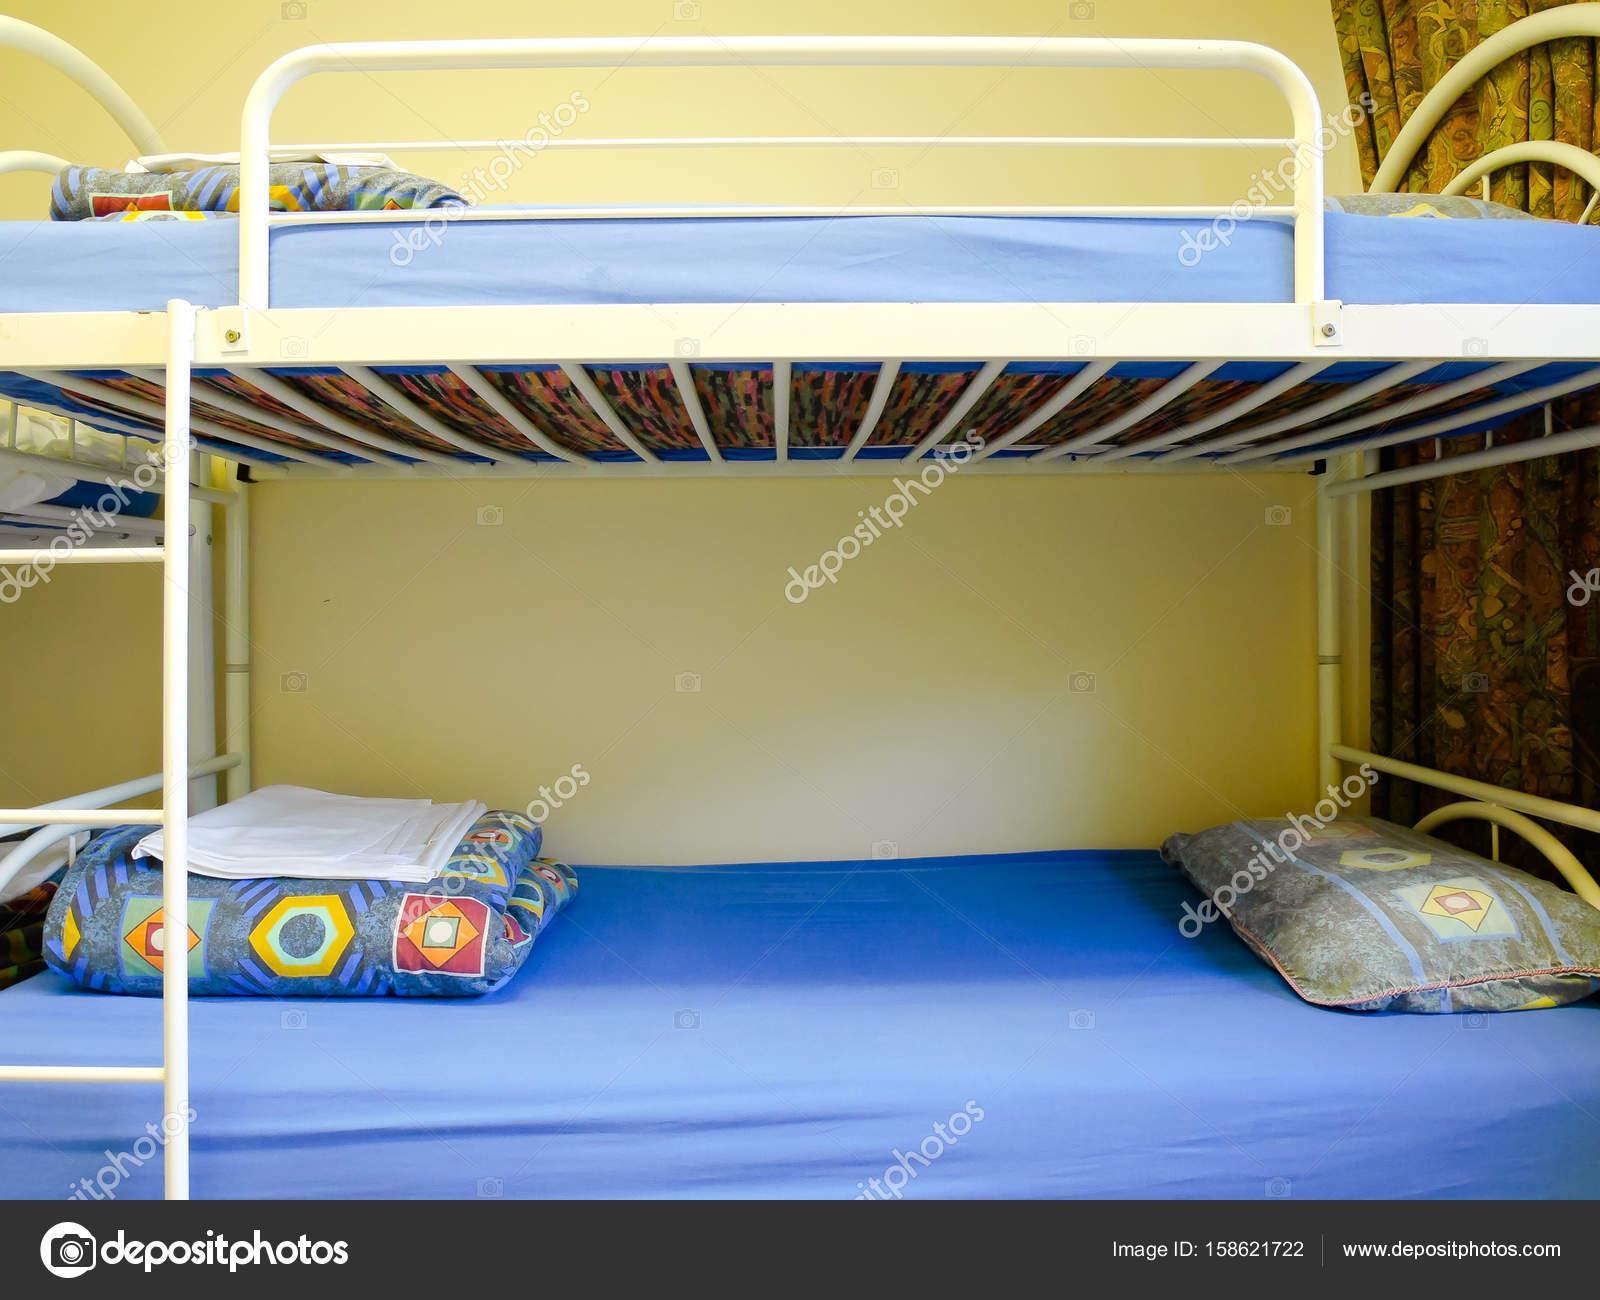 Stapelbedden in het hostel u2014 stockfoto © p saranya #158621722